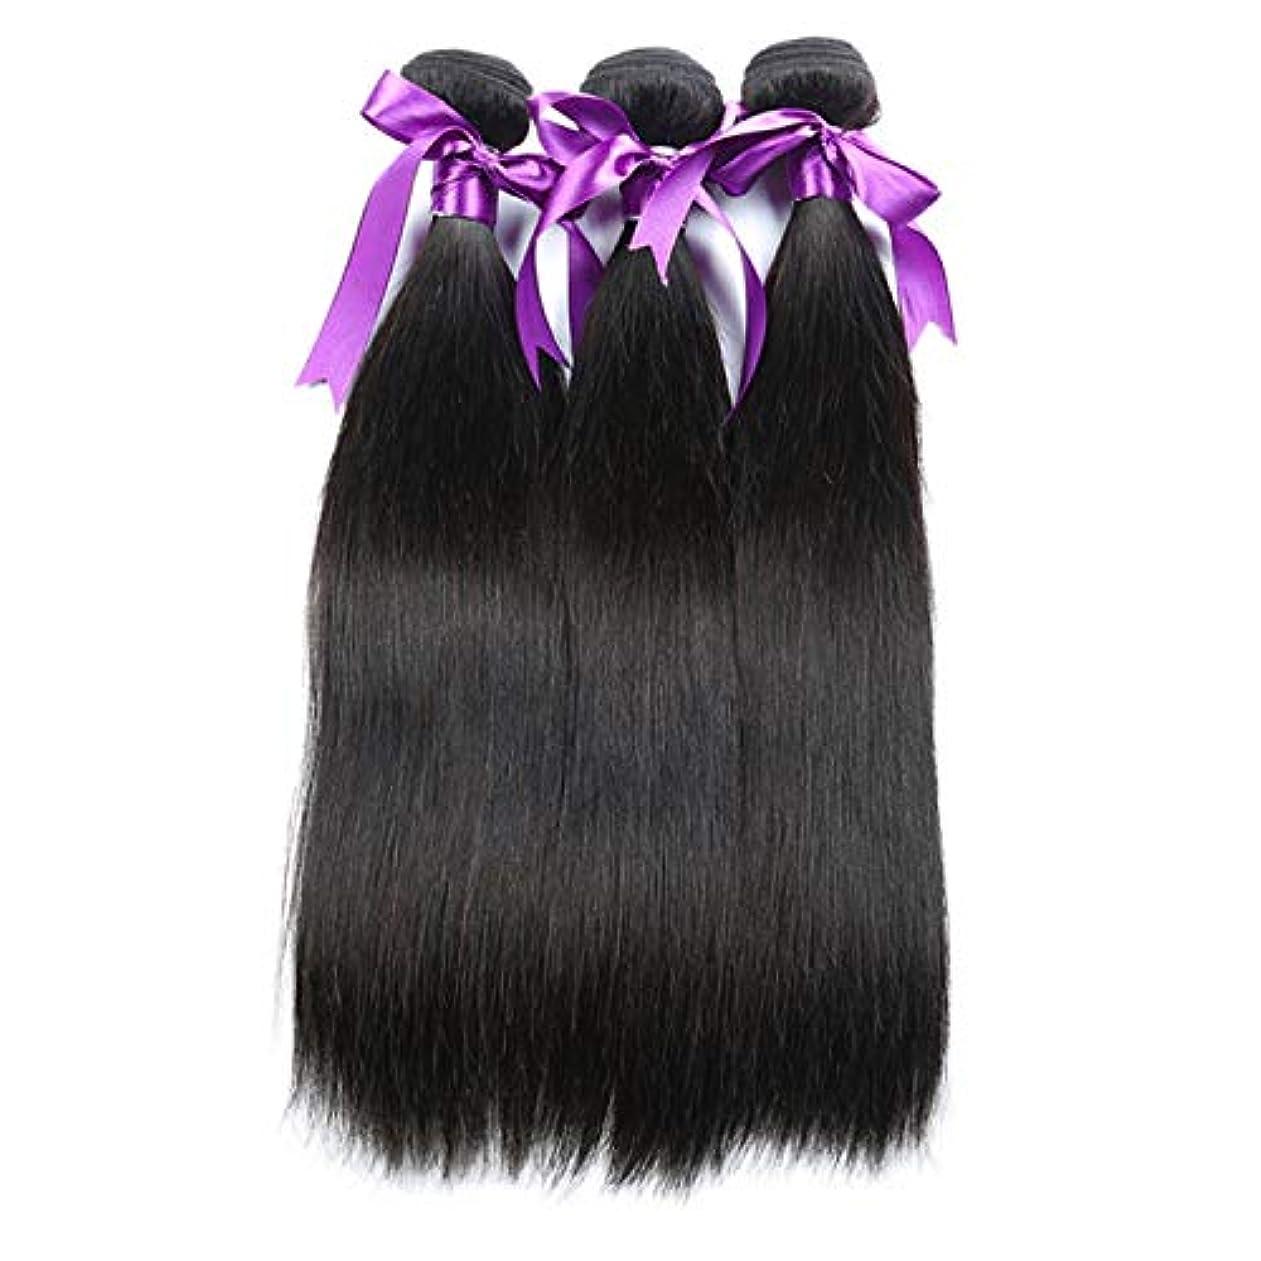 電極参加者放射能髪ペルーストレートヘア3個人毛バンドル非Remyヘアエクステンション8-28インチ (Length : 12 14 14)